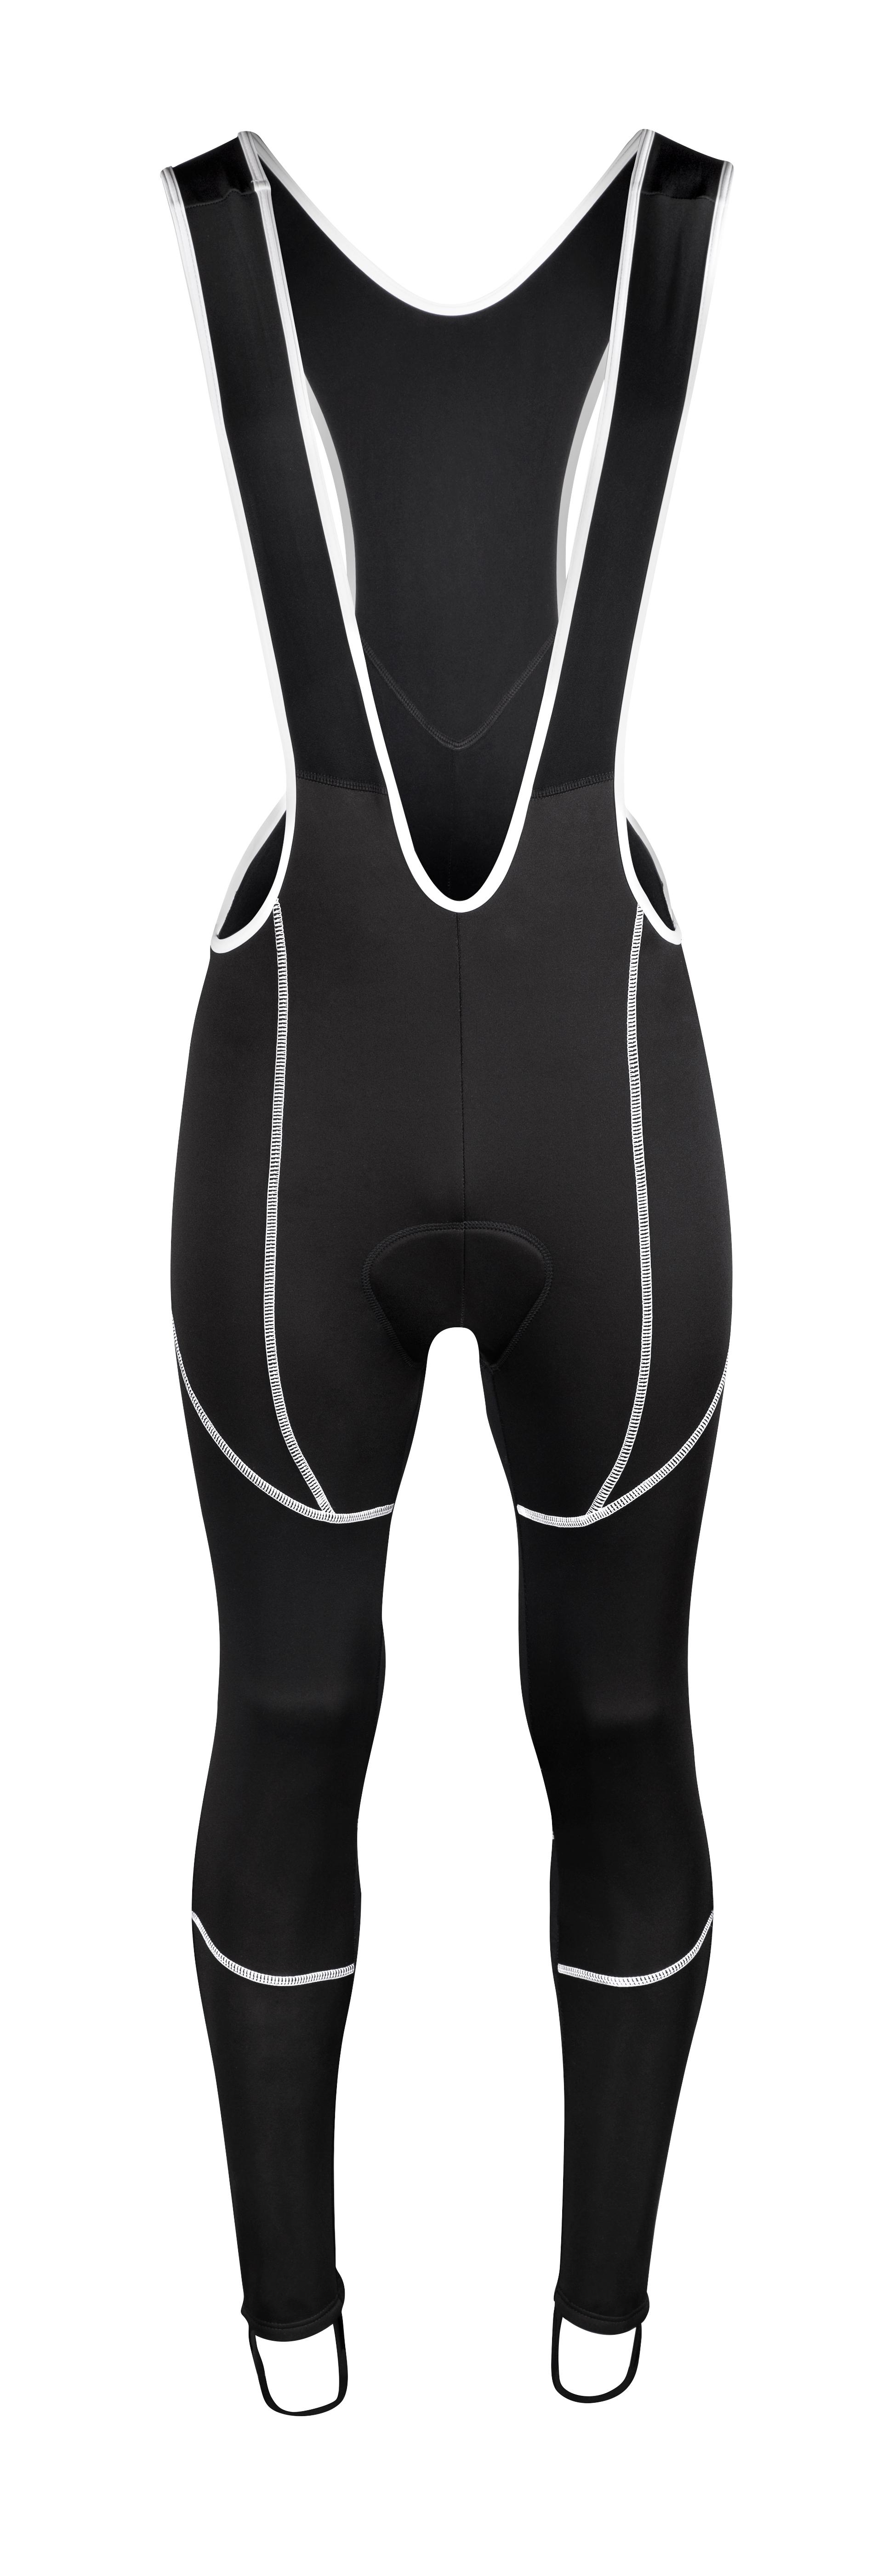 kalhoty FORCE Z70 se šráky s vložkou, černé XXL